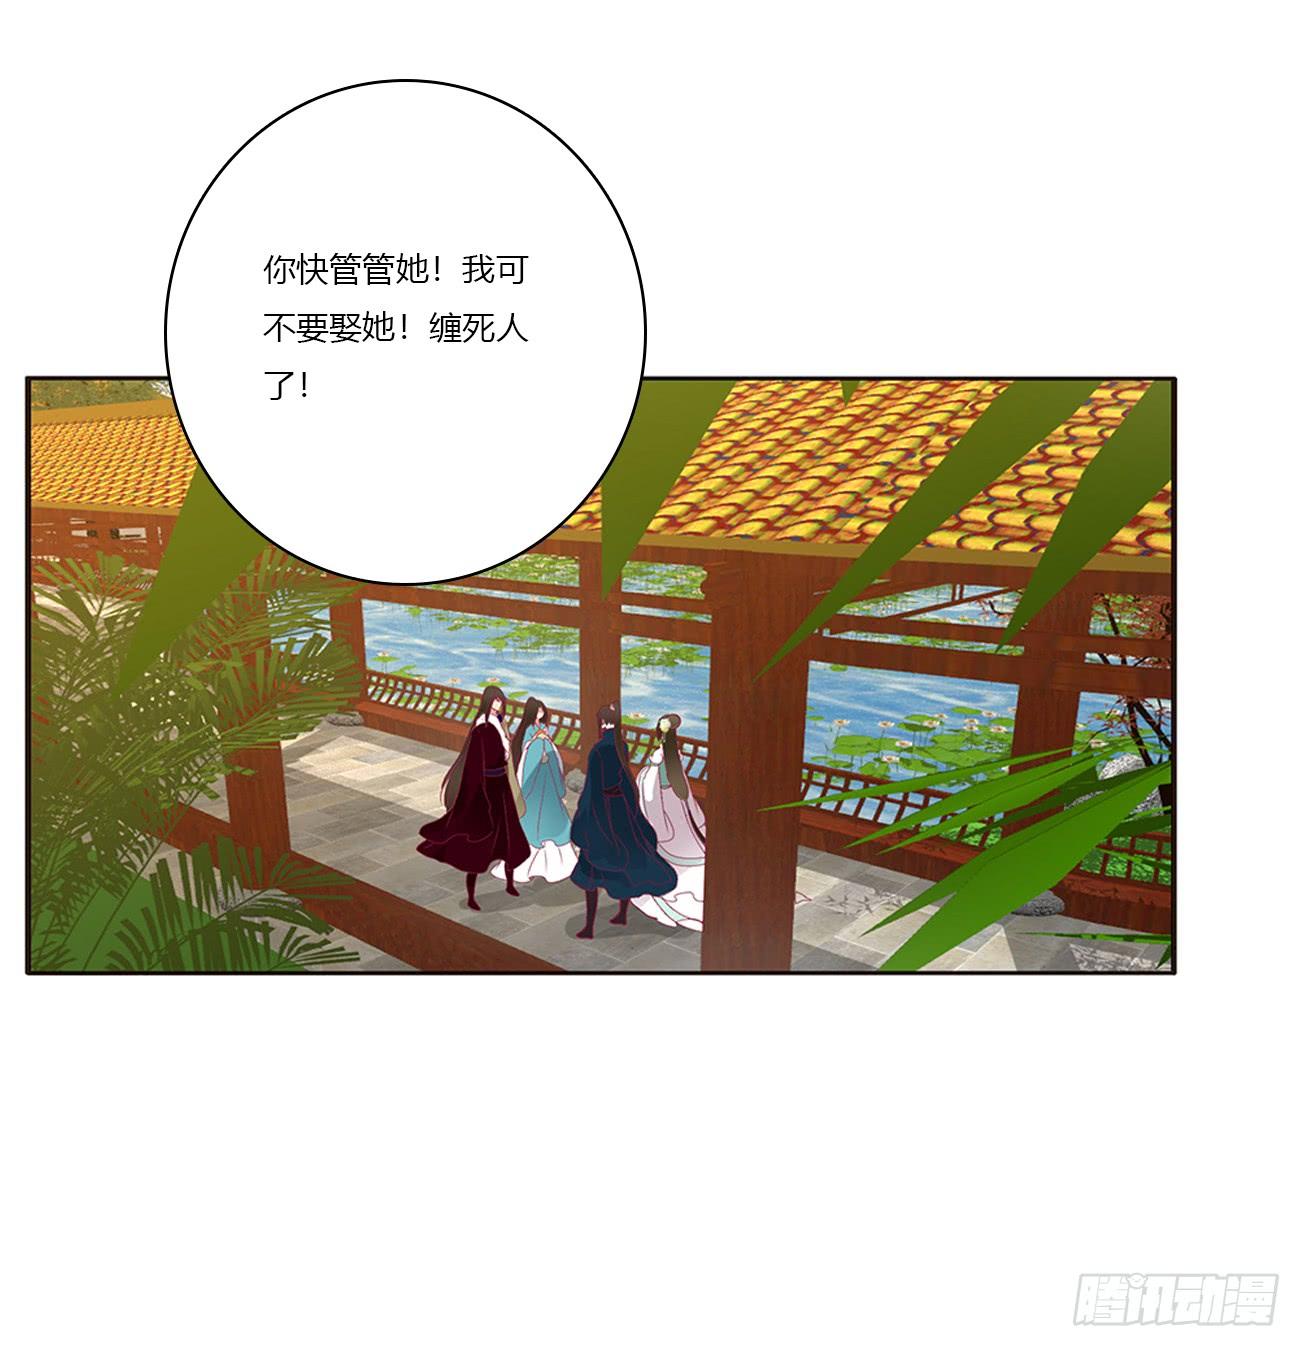 通靈妃: 赞同 - 第27页